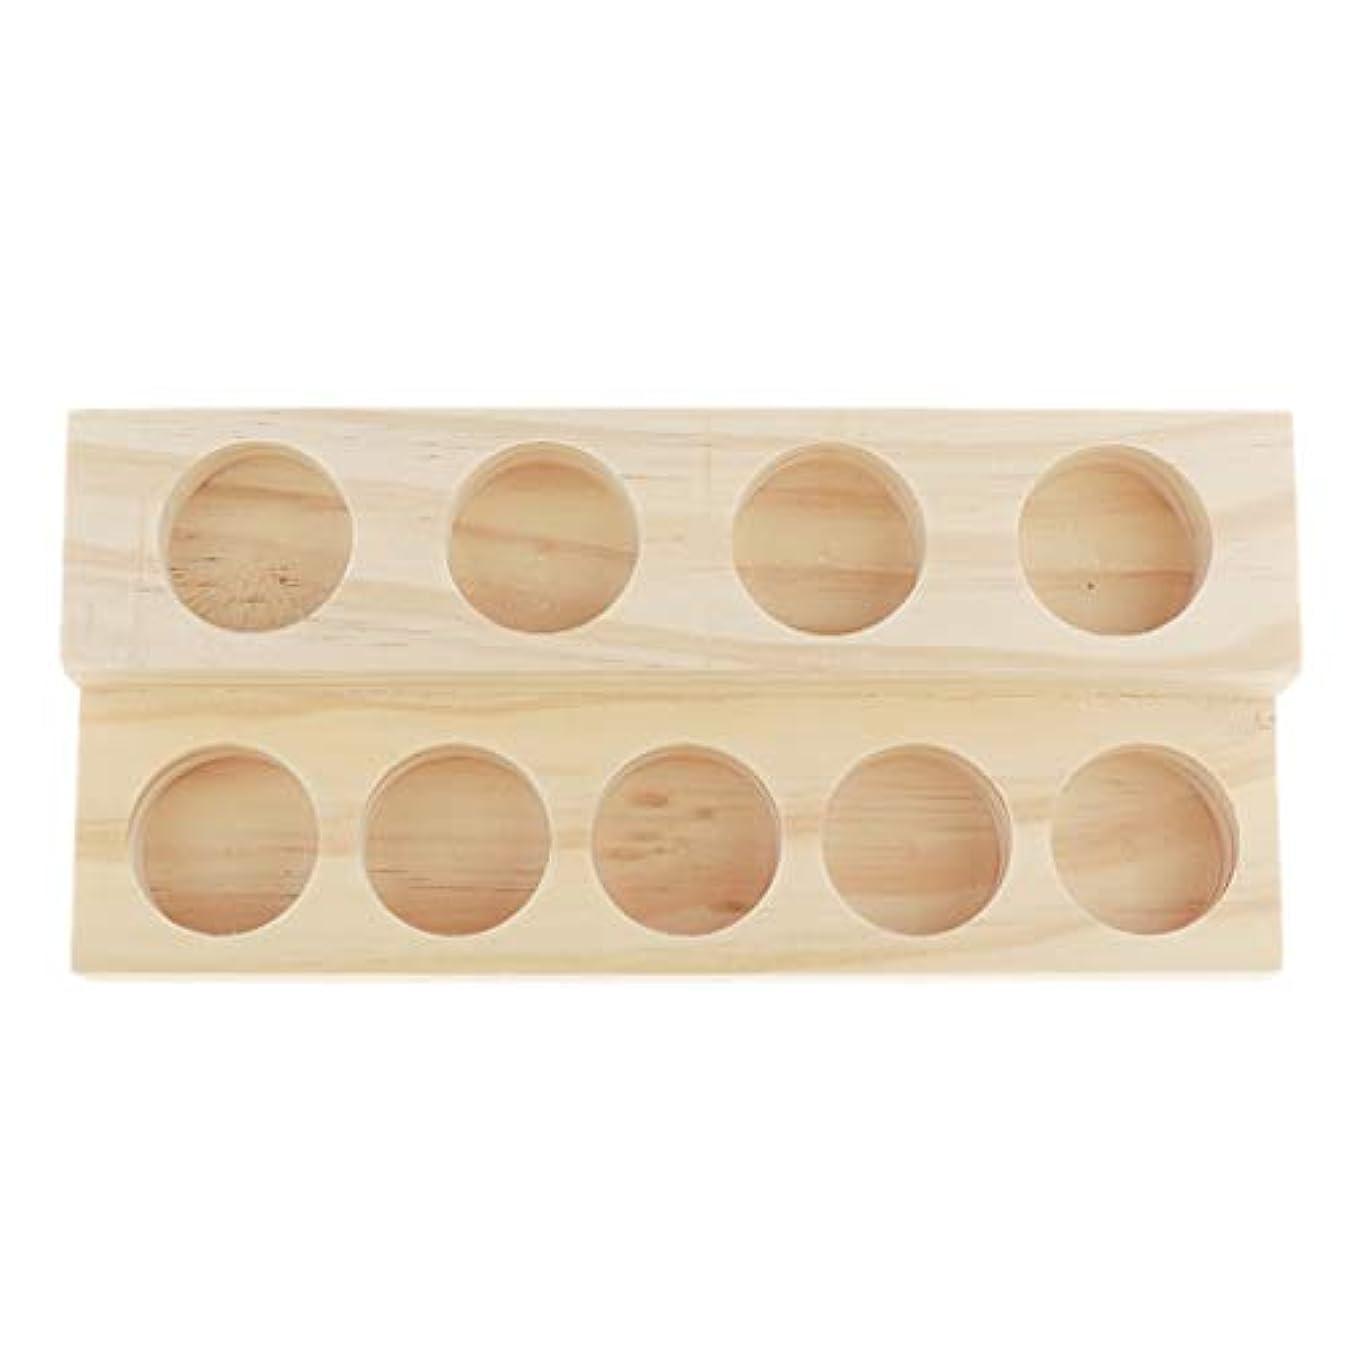 ポーズであるバナーP Prettyia エッセンシャルオイル 香水 精油 ディスプレイ ホルダー 陳列 コレクション 木製